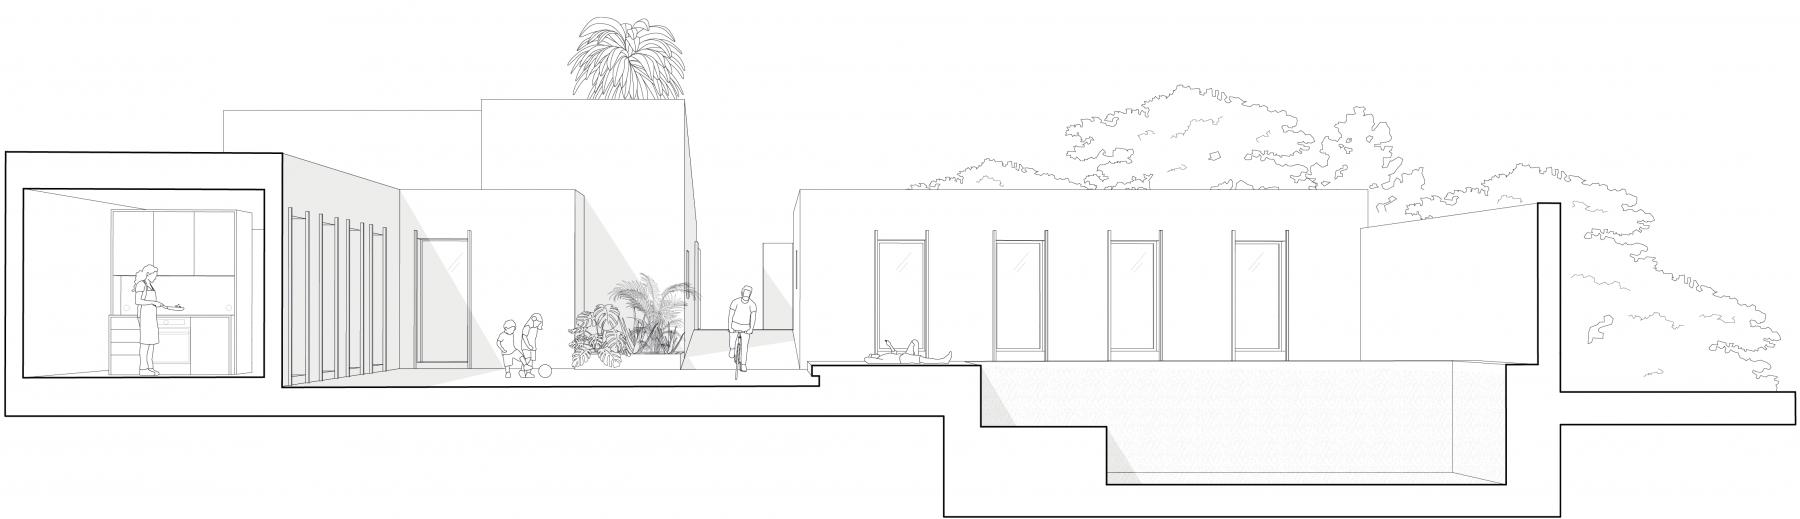 dc ad costa brava architecture section